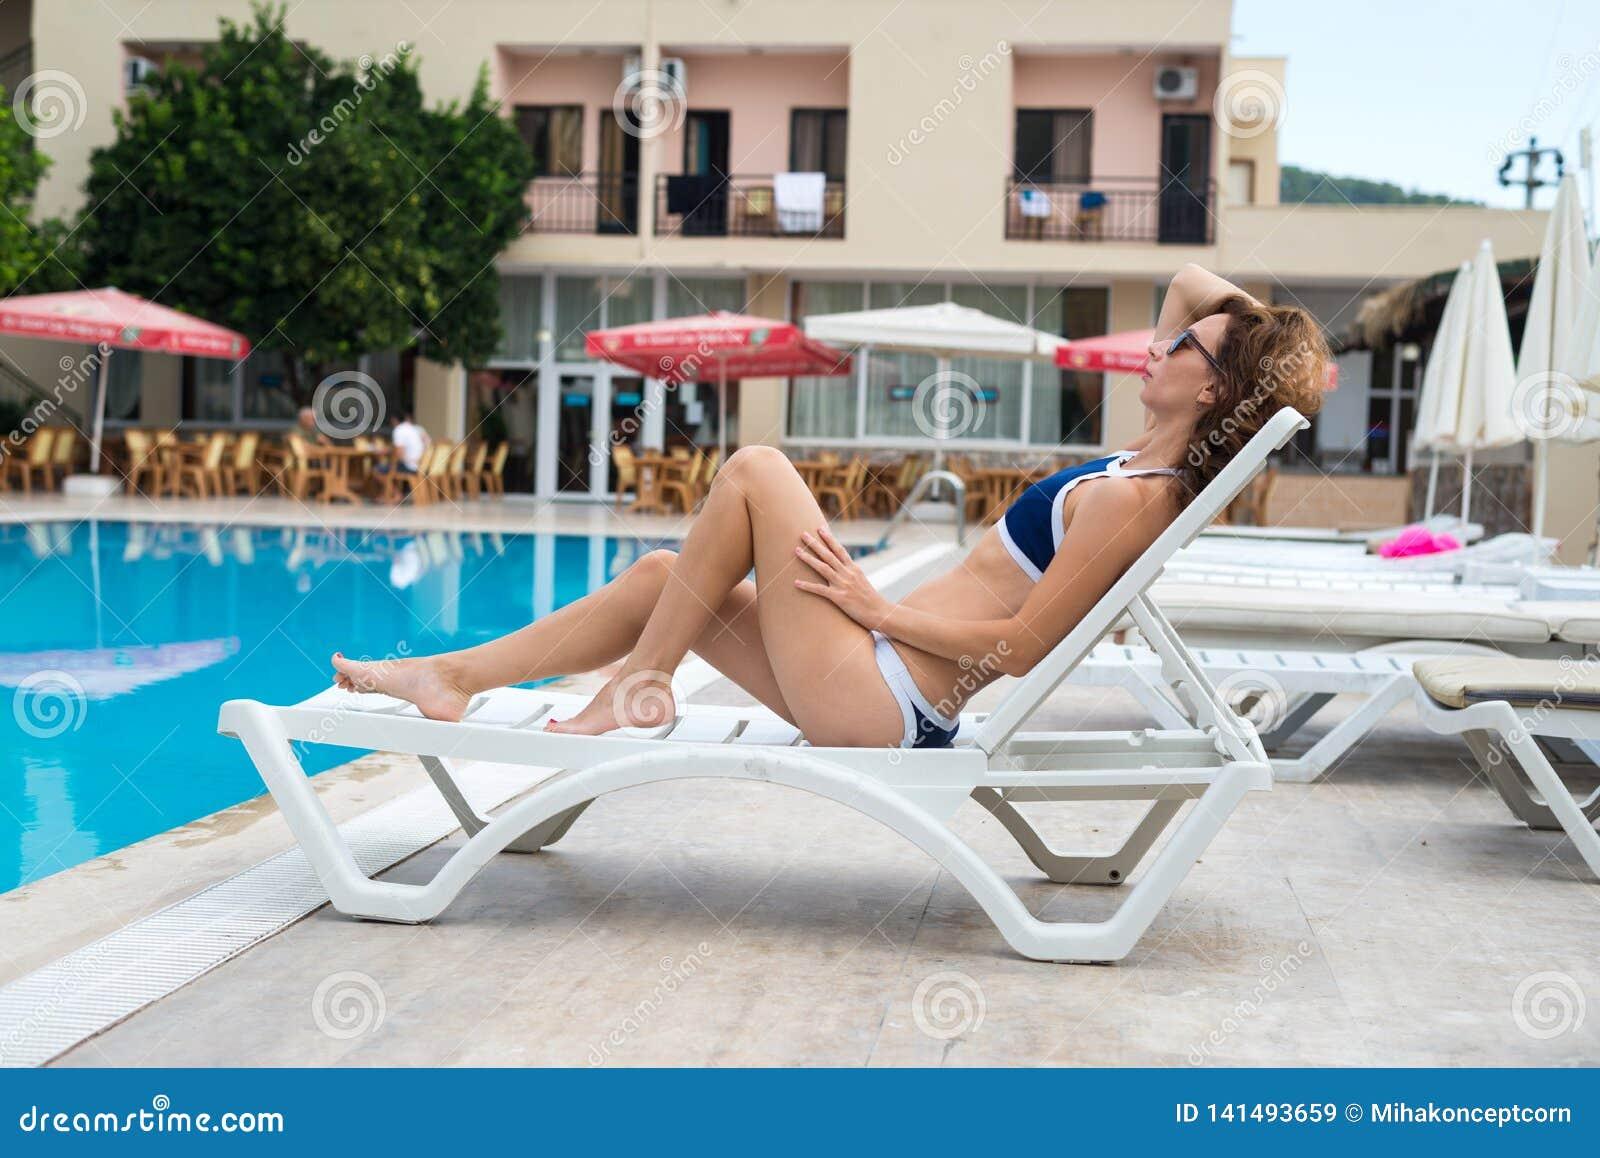 De slanke jonge vrouw in een bikini zonnebaadt dichtbij de pool Een vrouw ligt op een ligstoel